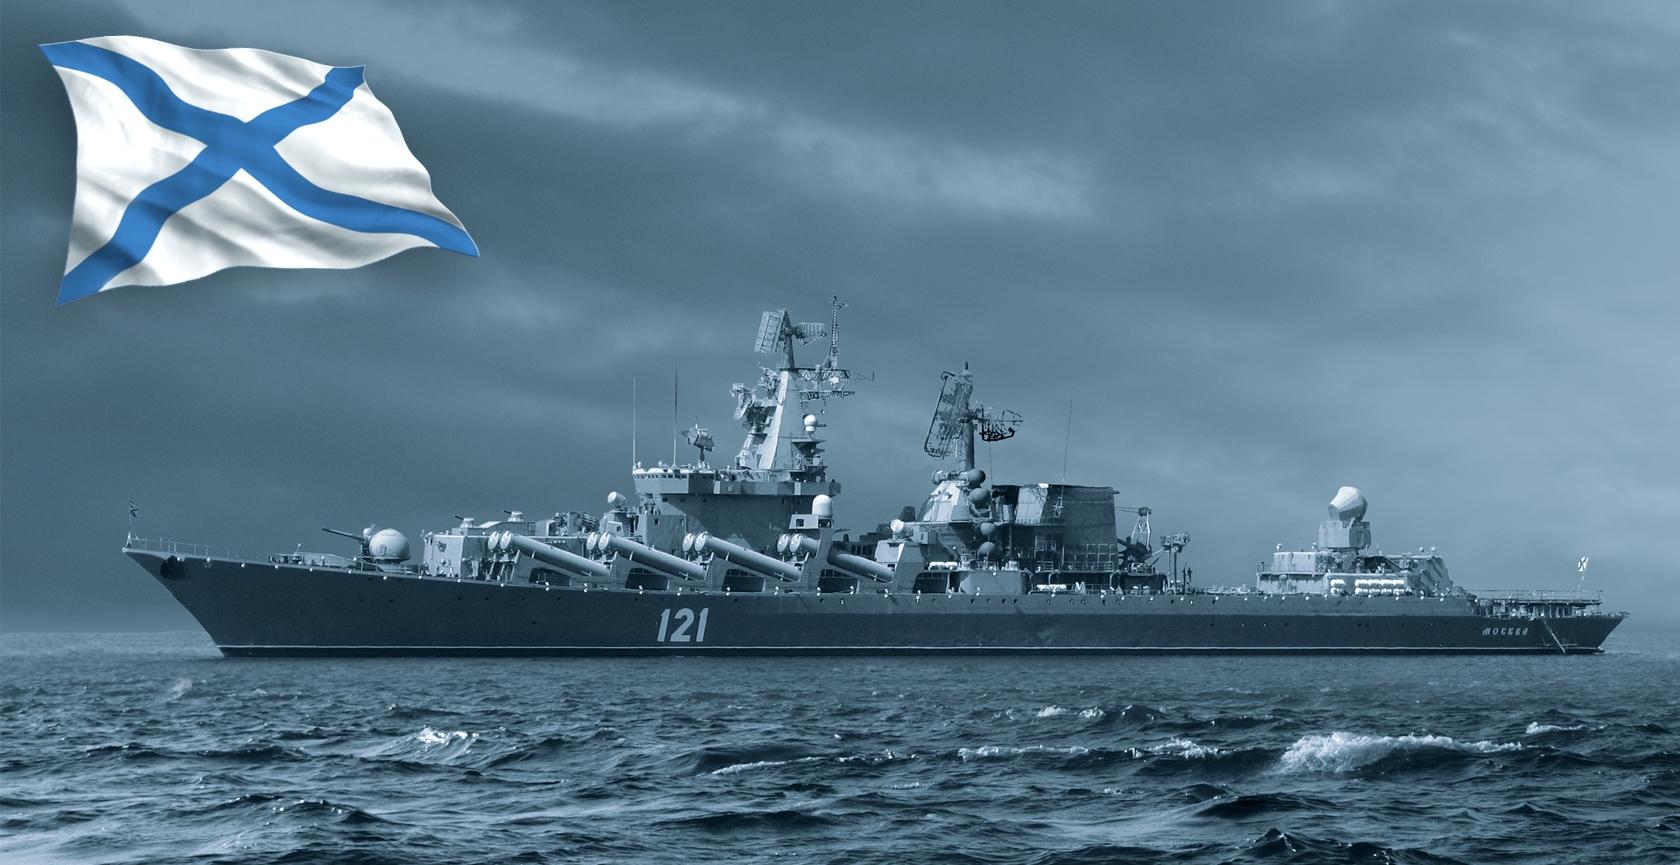 любых крейсеры российского флота расстались, хочу